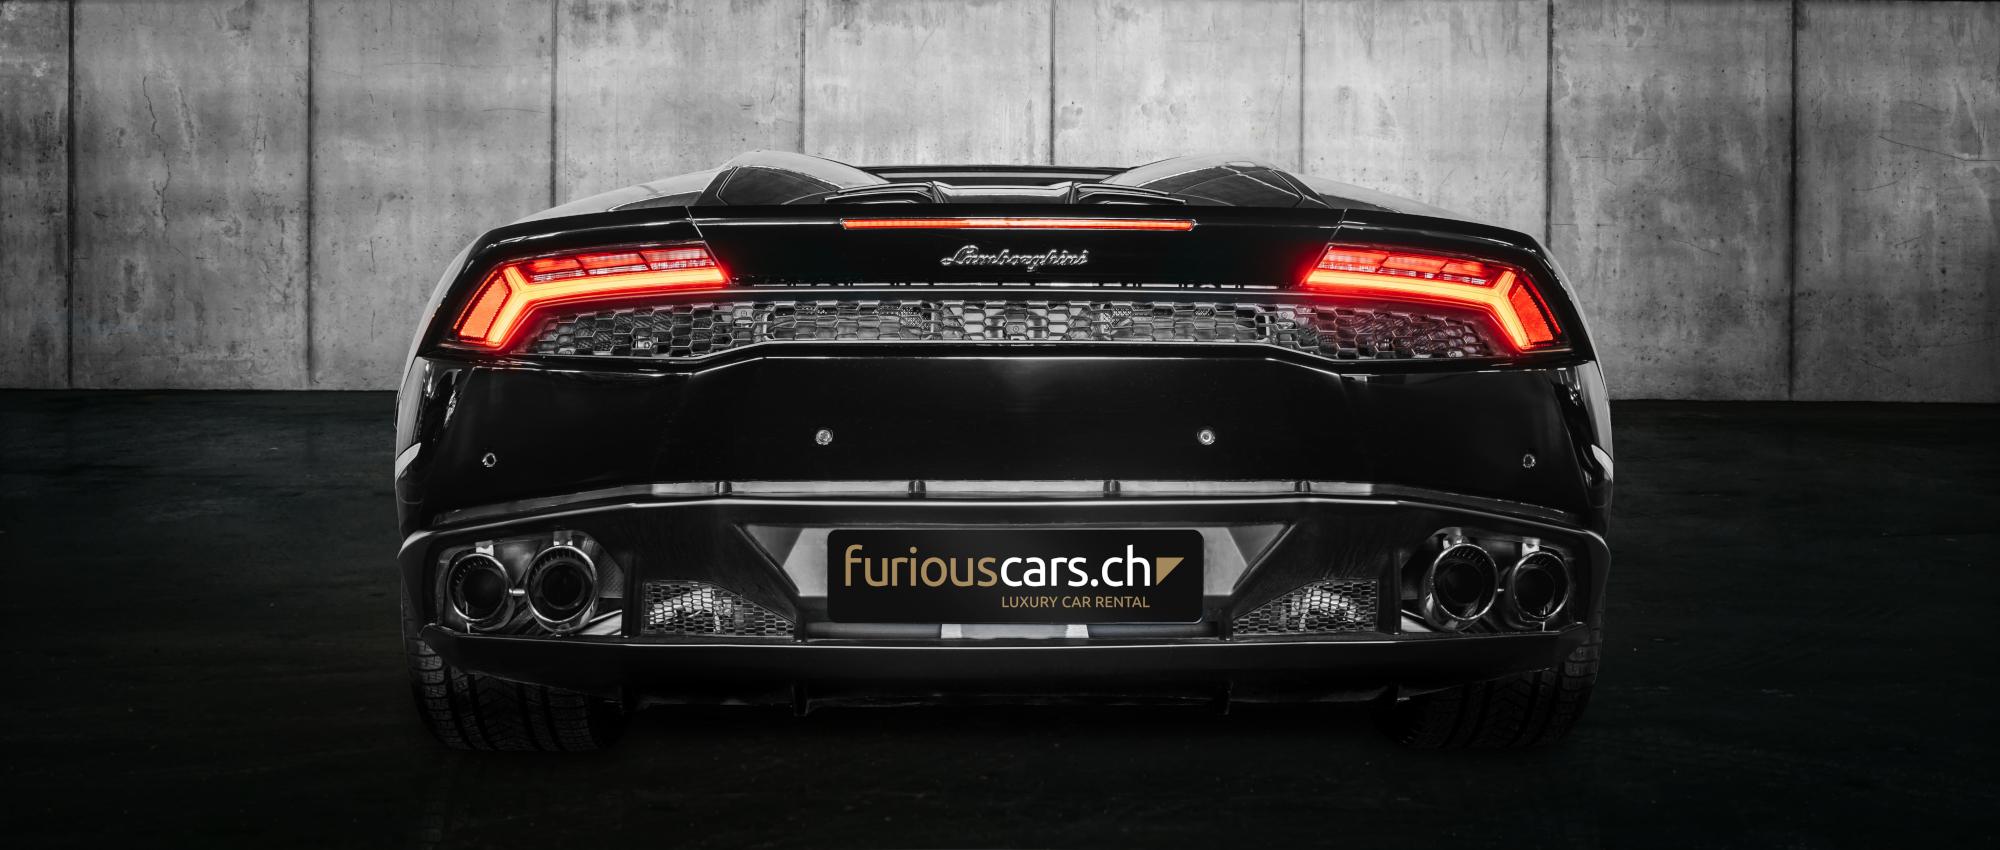 Luxusauto mieten Zürich